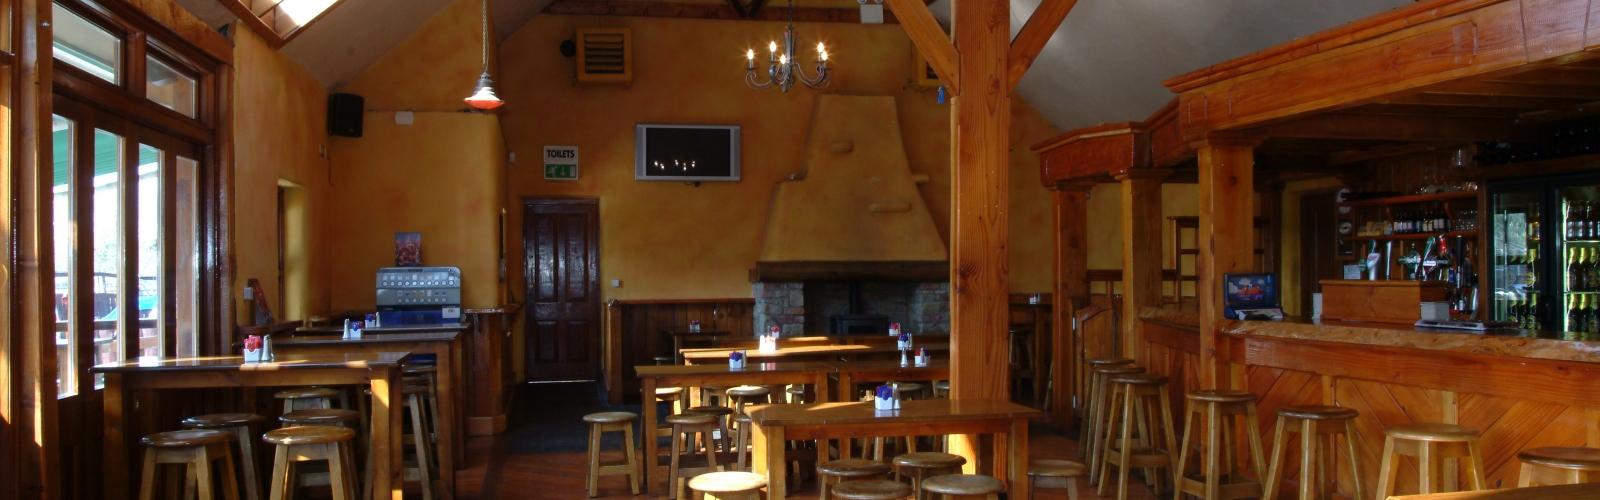 Jack Meade's Bar & Beer Garden 2